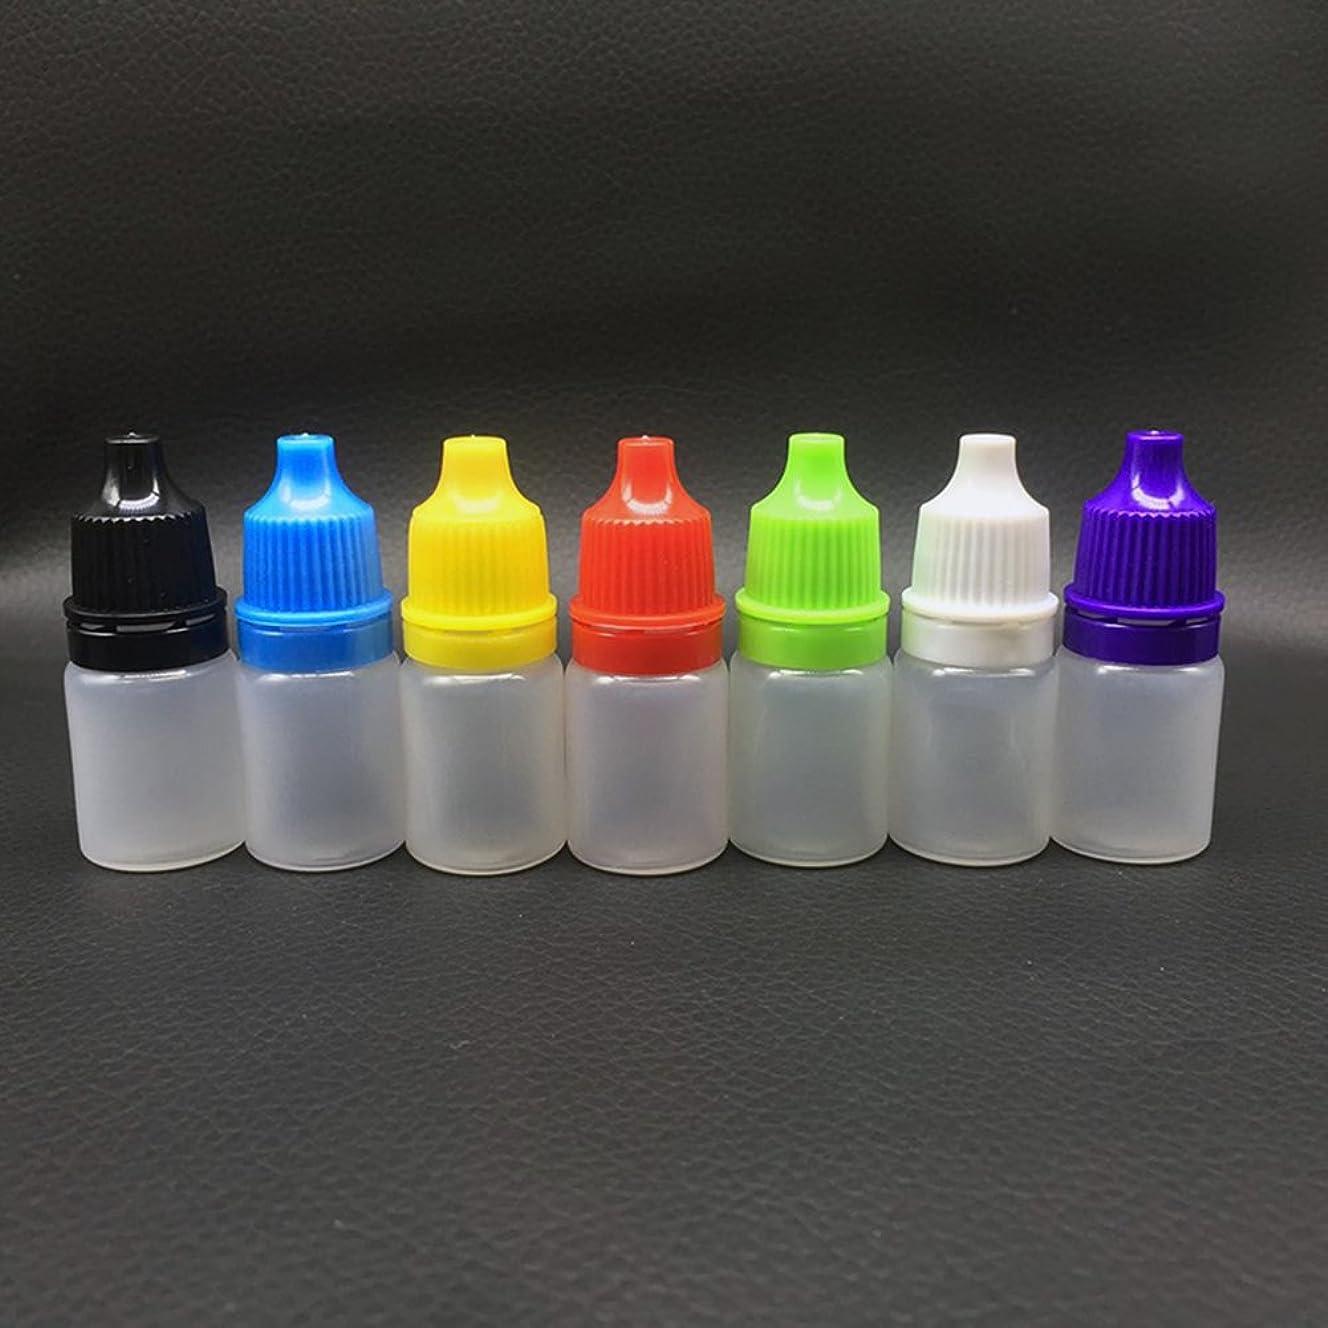 融合エキサイティングオセアニアBETTER YOU (ベター ュー) 目薬 空き瓶 プラスチック 使いやすい コスメ用詰替え容器 ランダム配送 5個入れ (5ml)